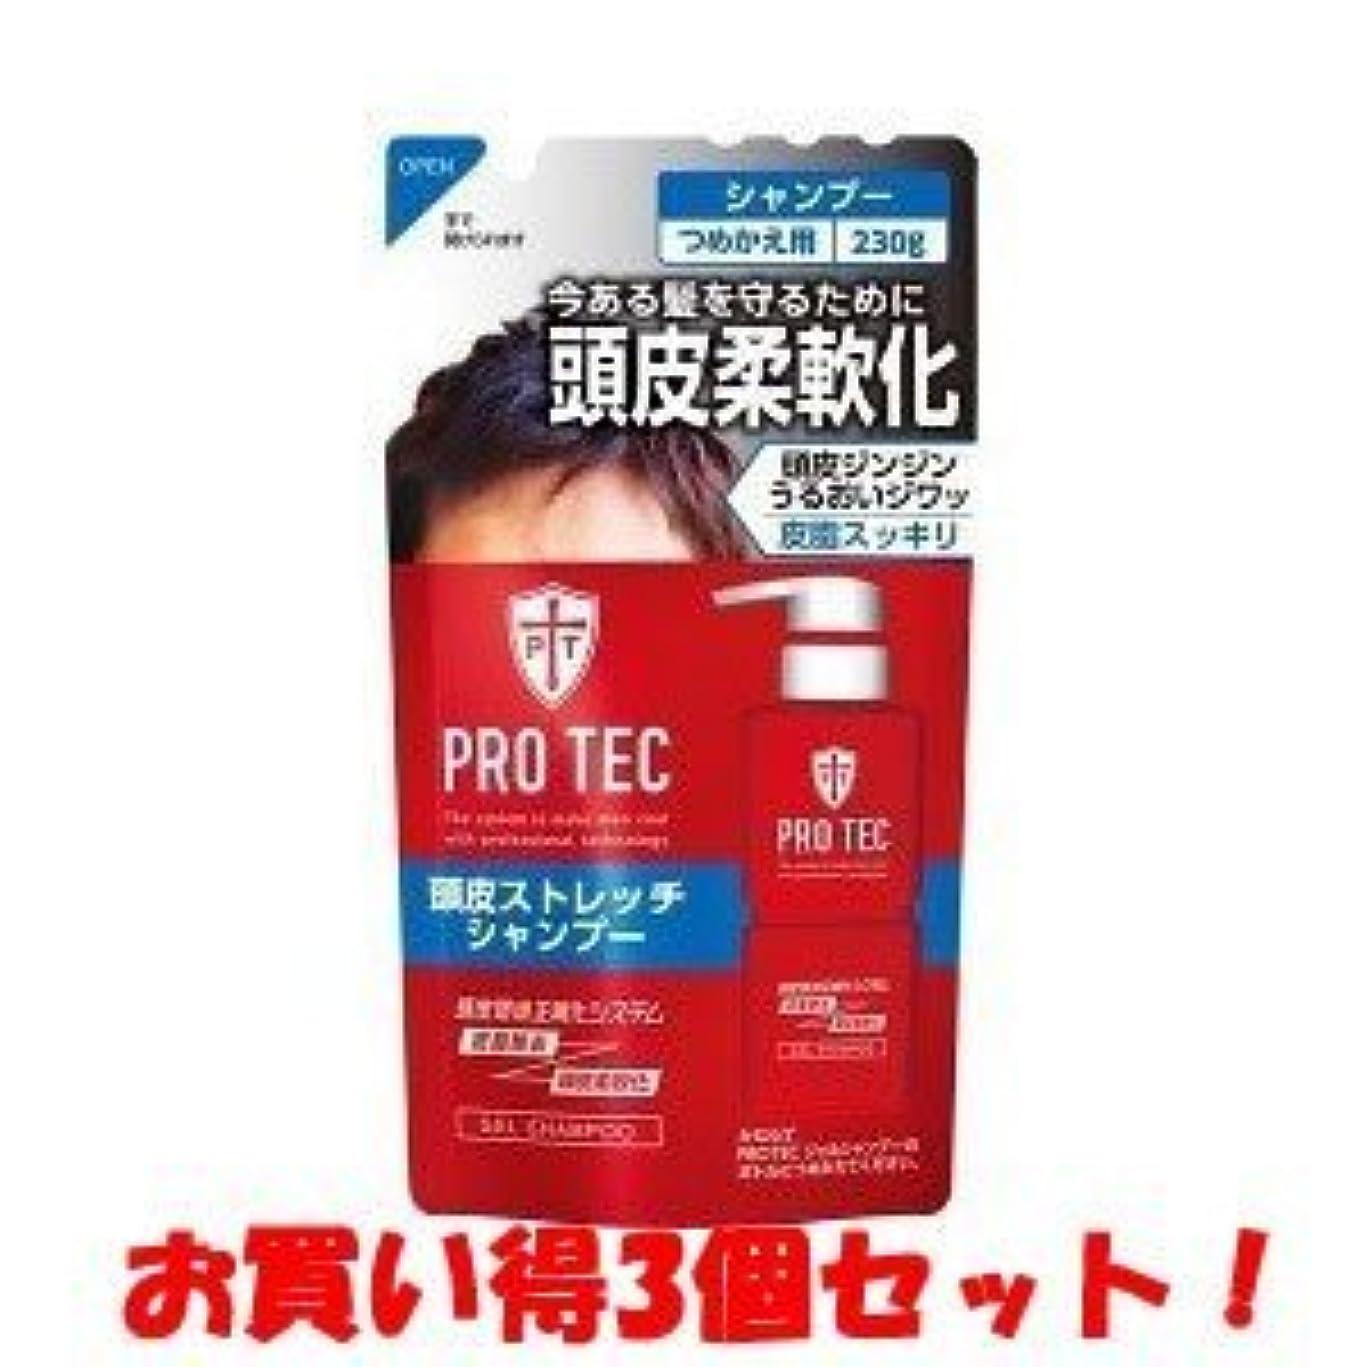 レイプリラックスした母音(ライオン)PRO TEC(プロテク) 頭皮ストレッチ シャンプー つめかえ用 230g(医薬部外品)(お買い得3個セット)